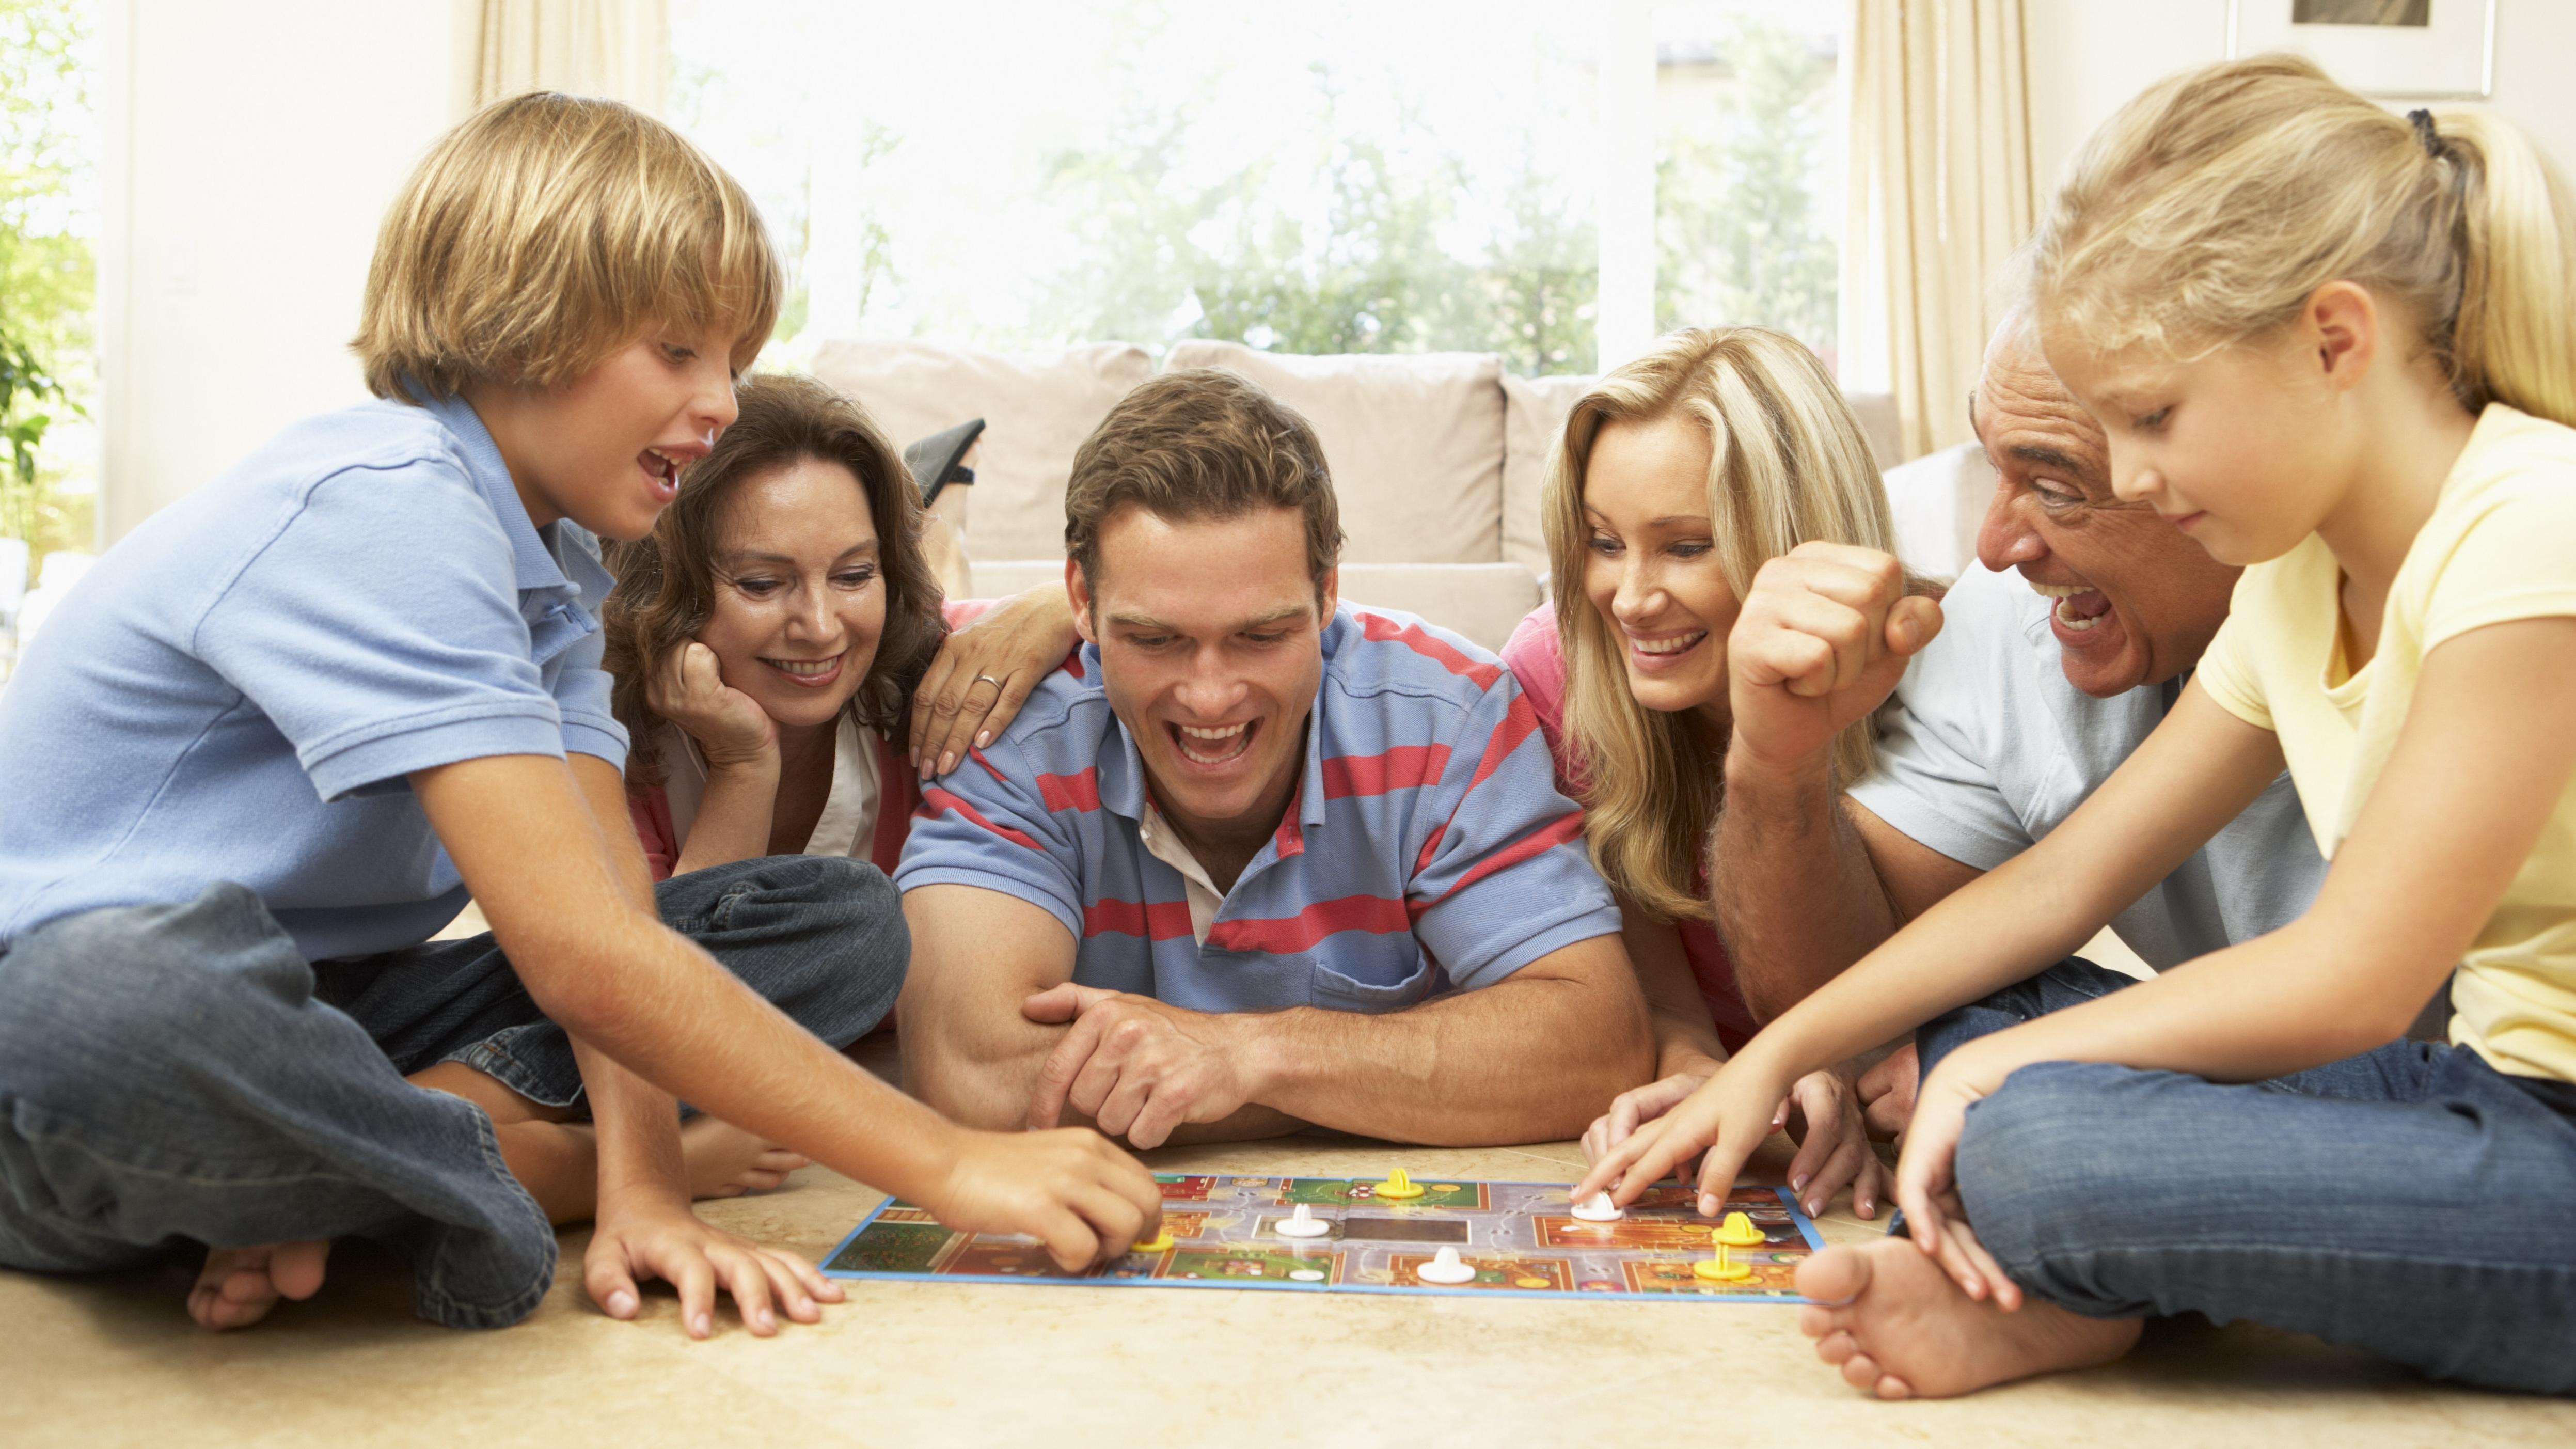 Família jogando jogo de tabuleiro juntos em casa